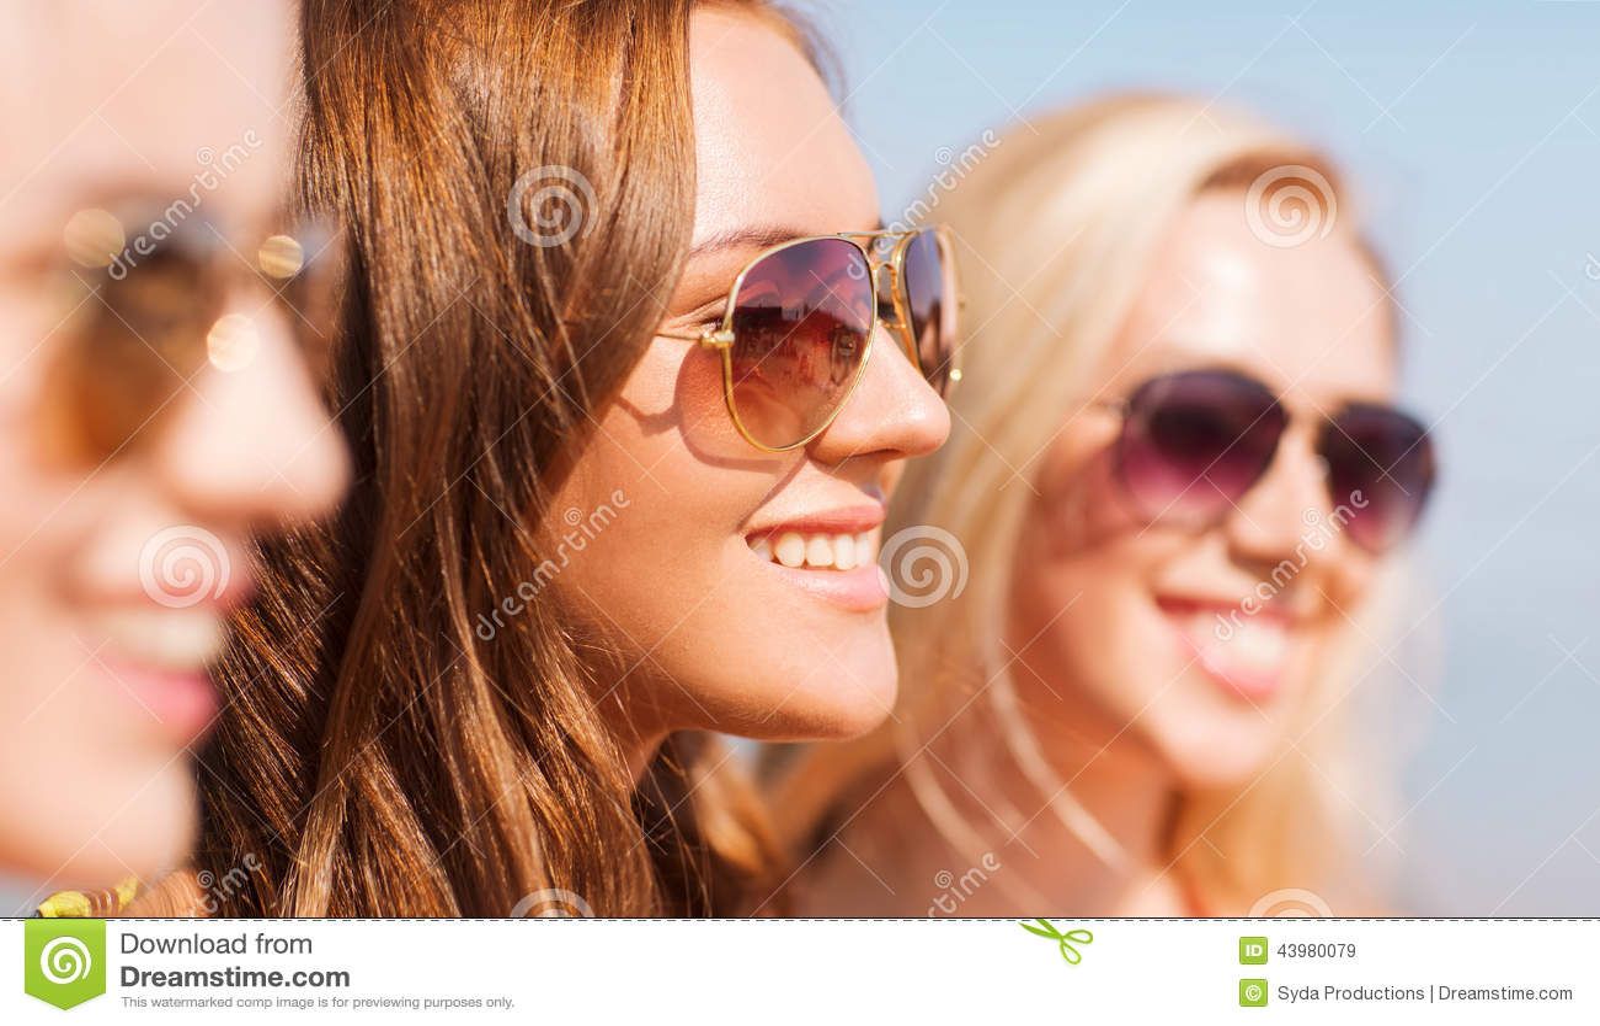 Möter Australiensiska Kvinnor